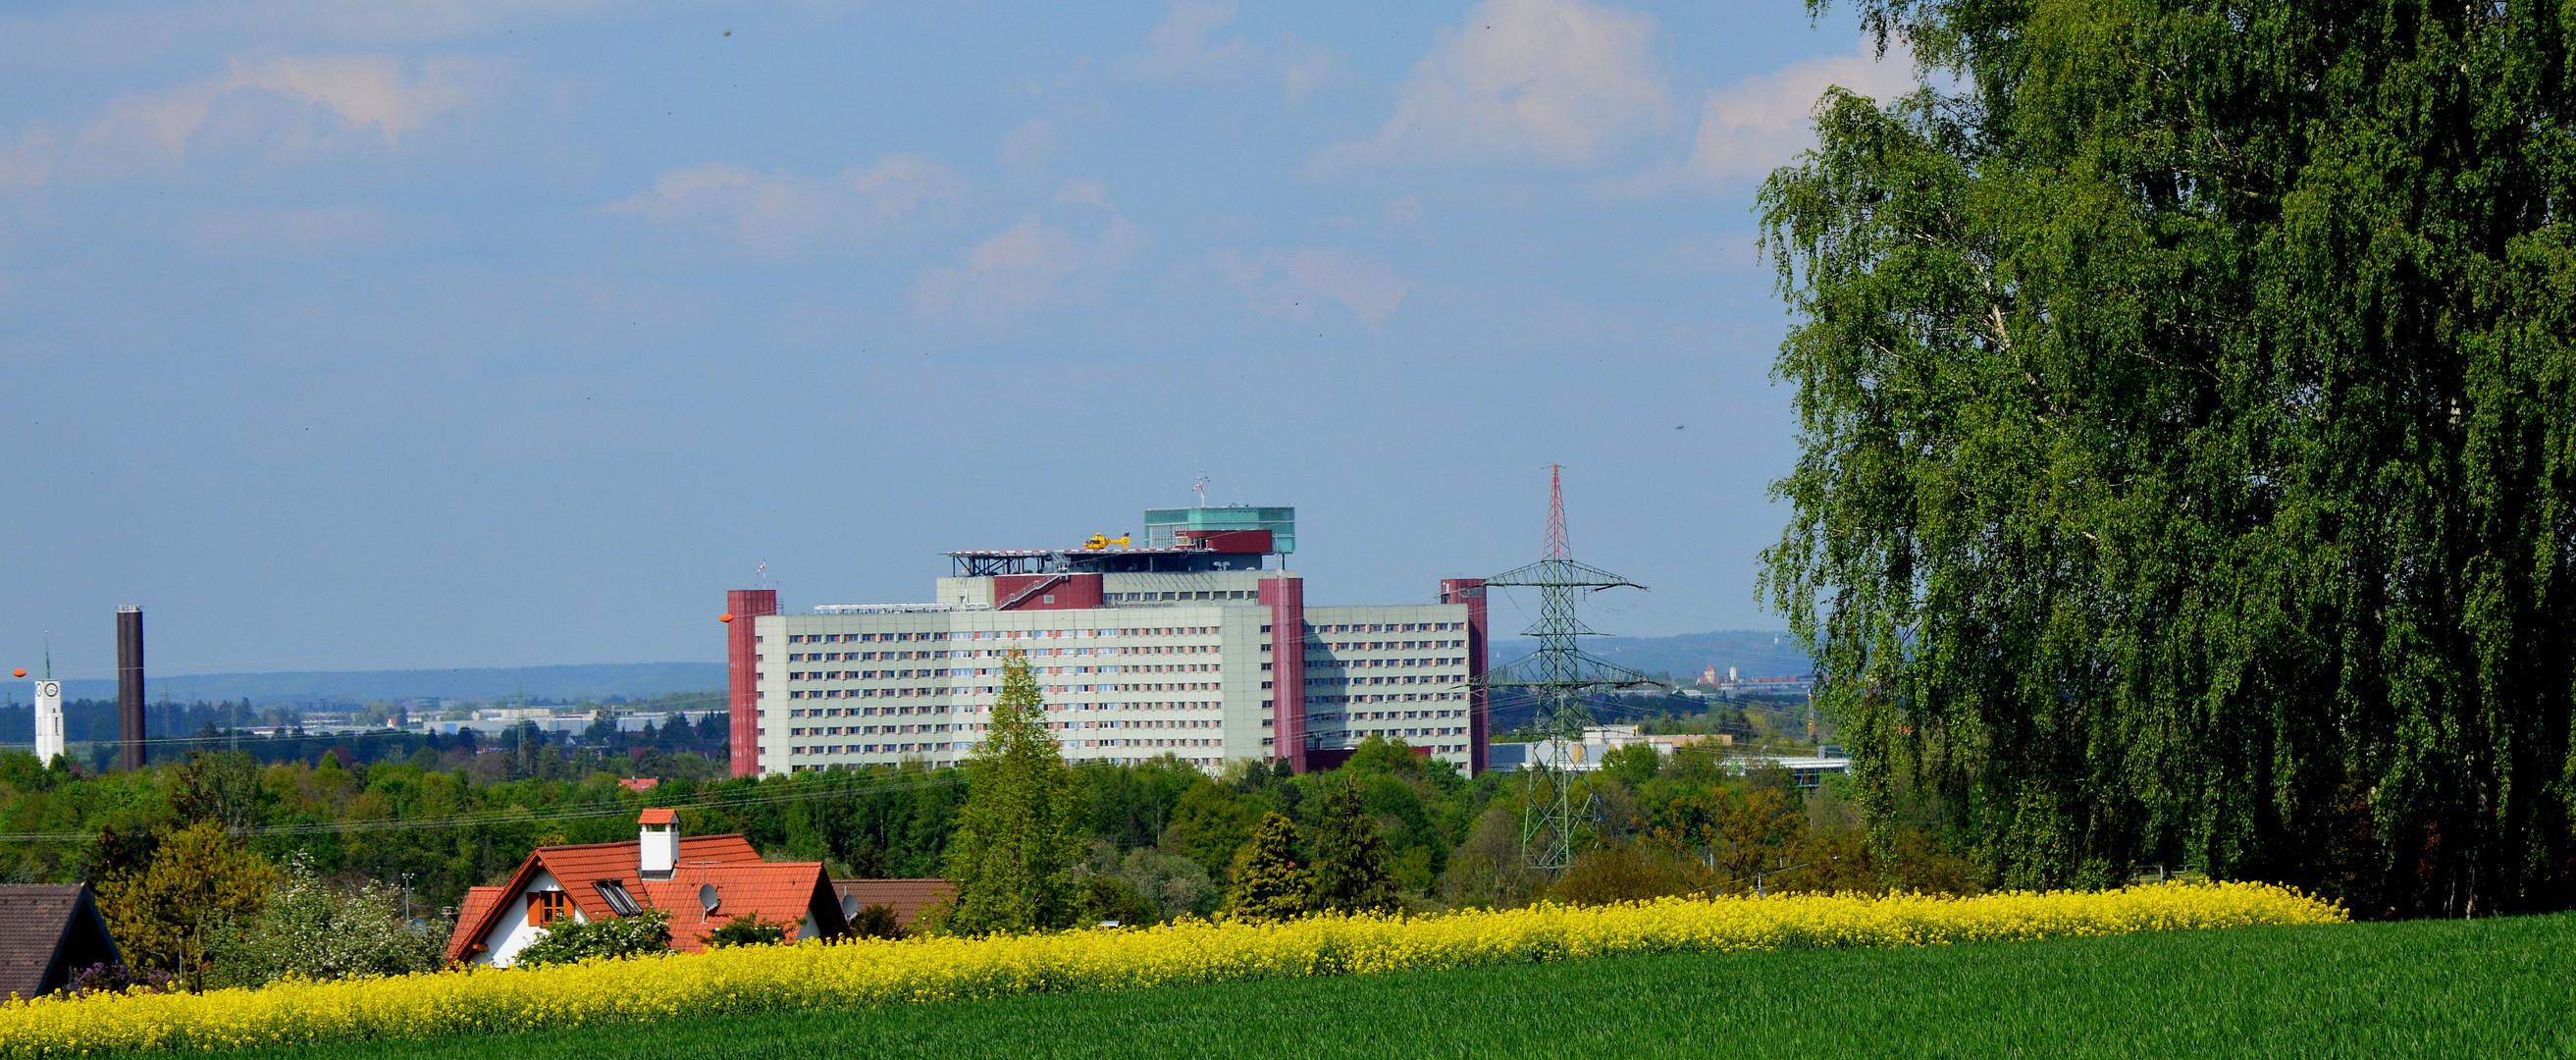 Das Augsburger Zentralklinikum mit dem Hubschrauber - Landeplatz auf dem Dach